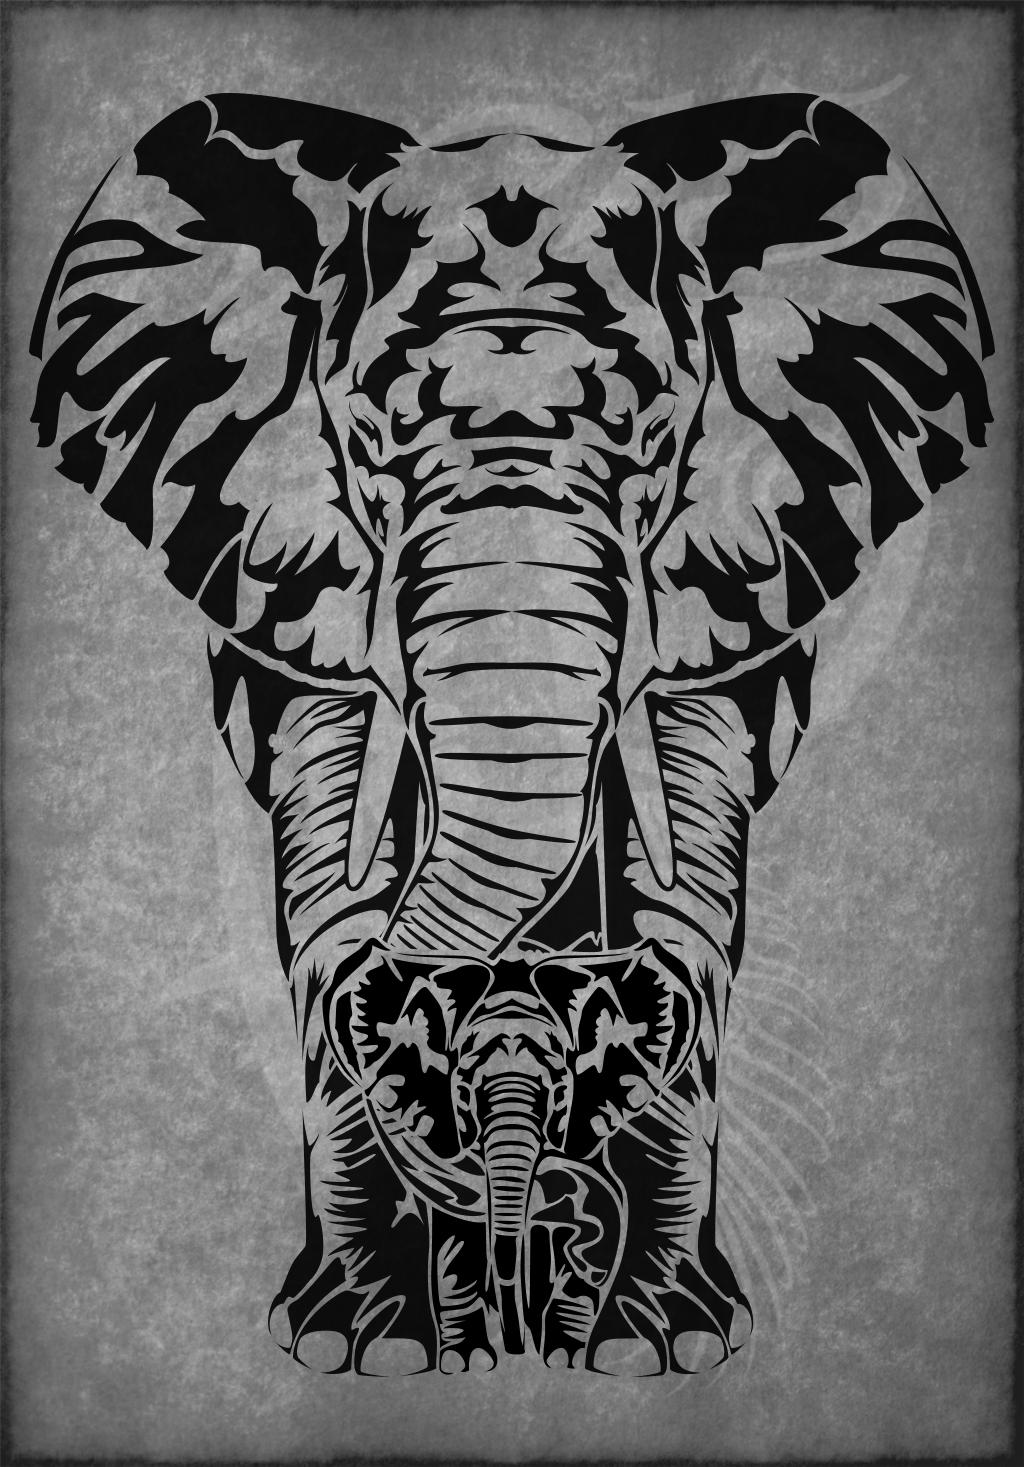 Elephant matriarch tribal tattoo by amoebafire on deviantart for Tribal family tattoo